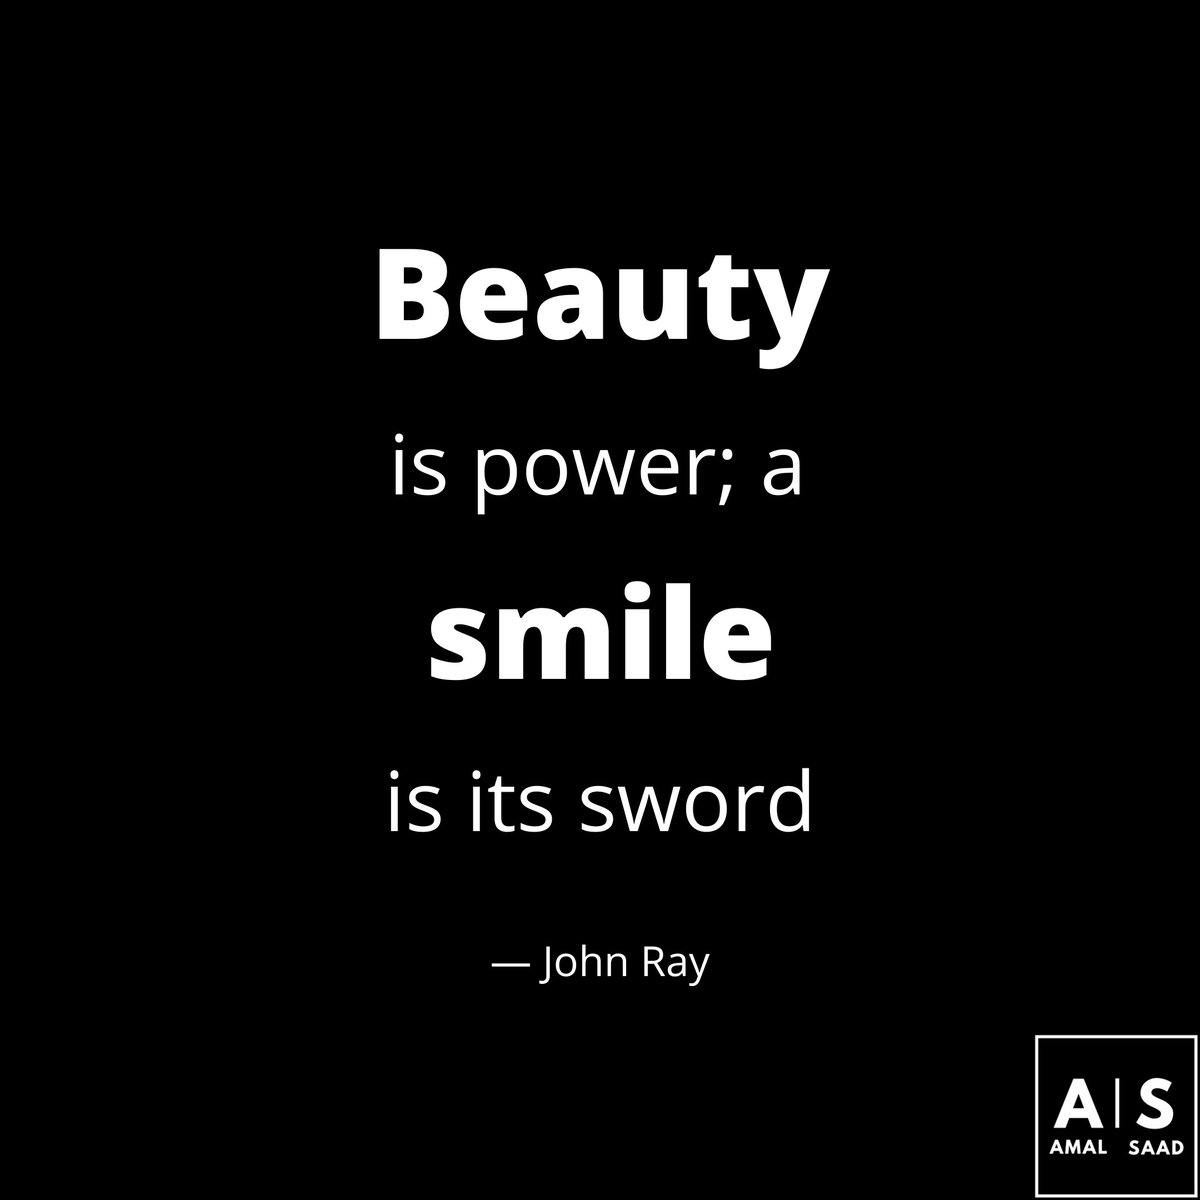 """""""#Beauty is #power, a #smile is its sword."""" - #johnray  Keep #smiling, keep #shining . . . . . @AmalSaad28  #motivationalquotes #motivation #businessmindset #FridayMotivation #entrepreneurialmindset #businessmind #successmindset #keytosuccess #successtip #businesslife  #amalsaadpic.twitter.com/uMNWo76akB"""